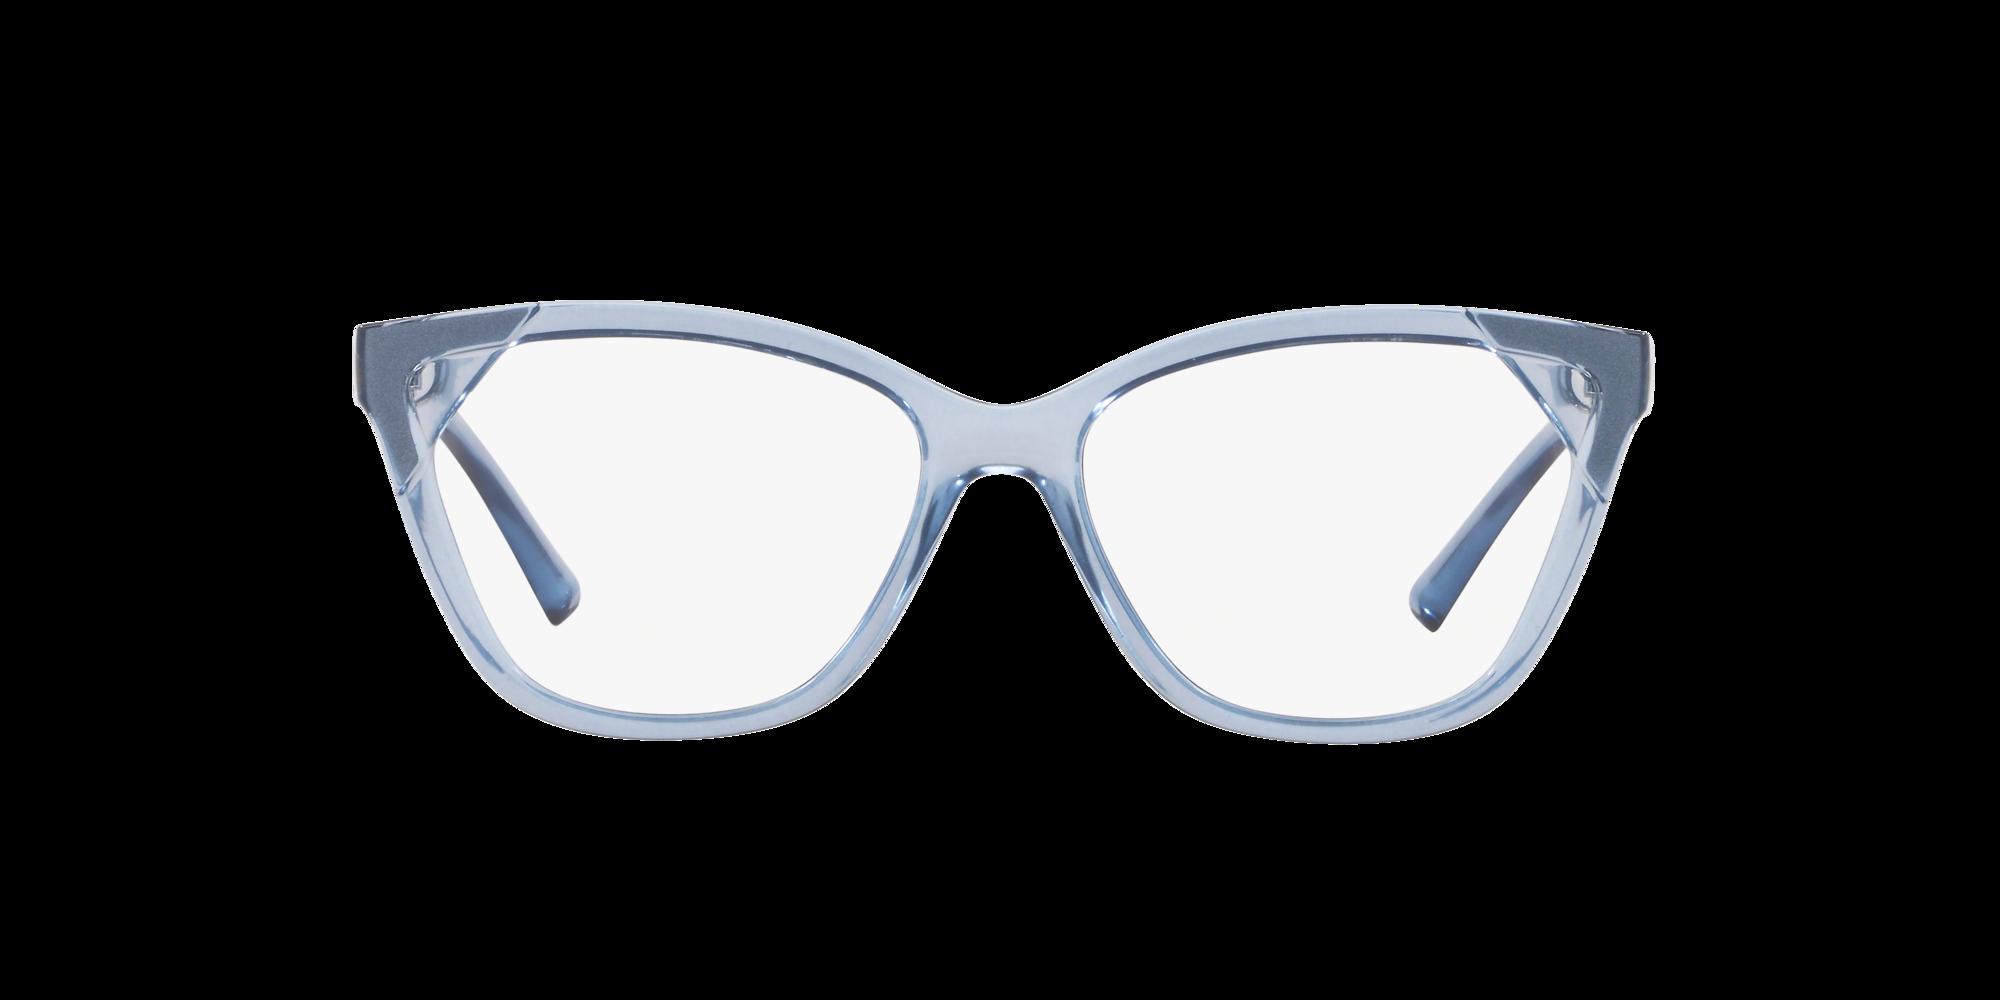 Imagen para AX3059 de LensCrafters |  Espejuelos, espejuelos graduados en línea, gafas